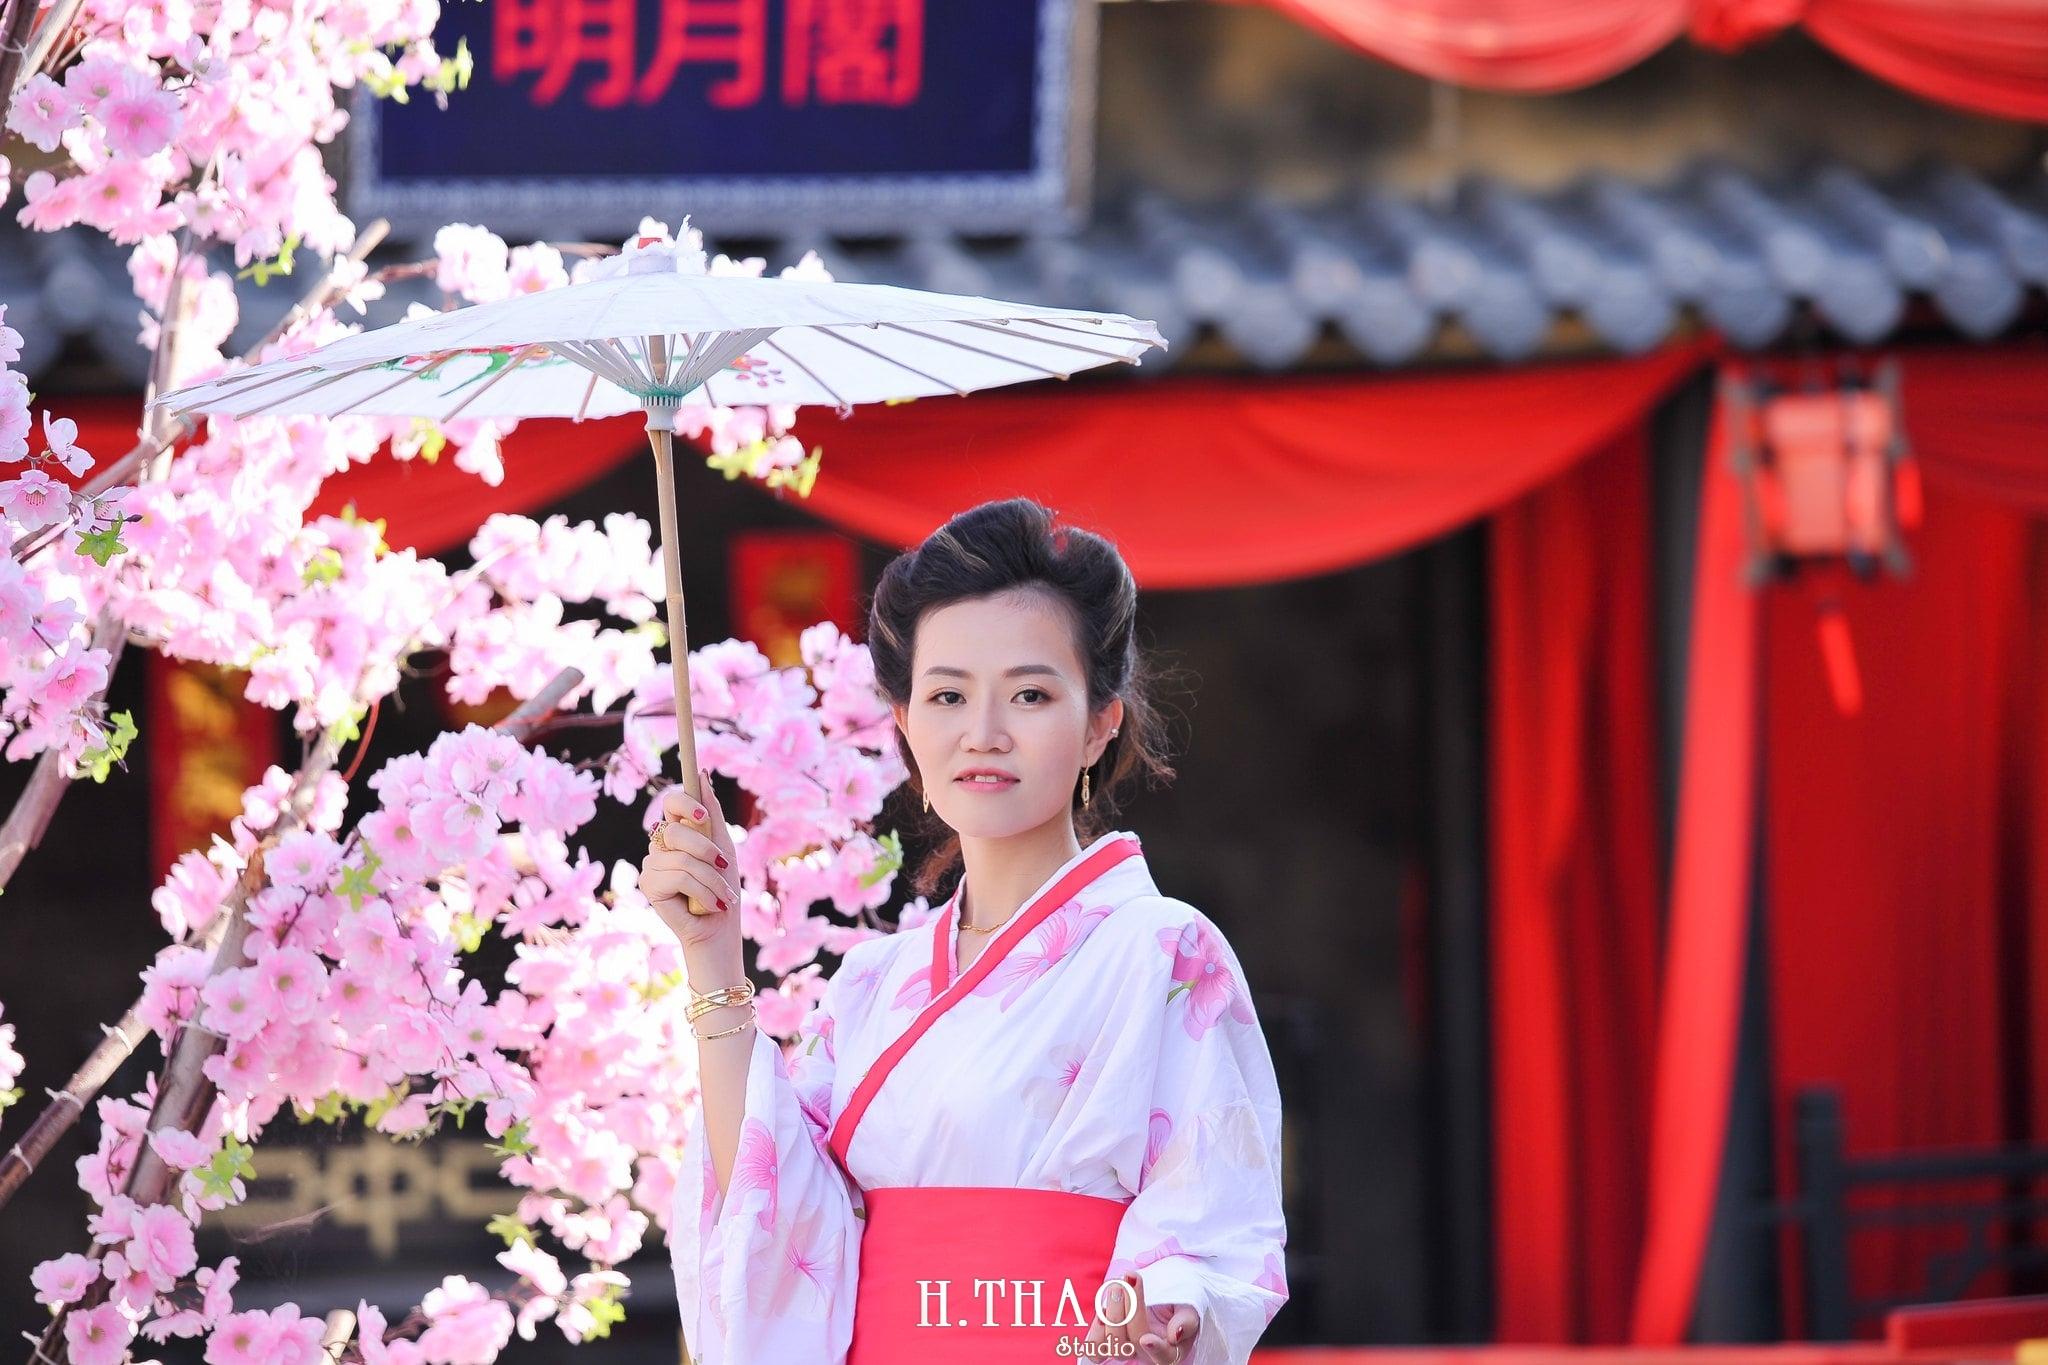 Anh chup voi Kimono 13 - Bộ ảnh couple chụp với Kimono theo phong cách Nhật Bản